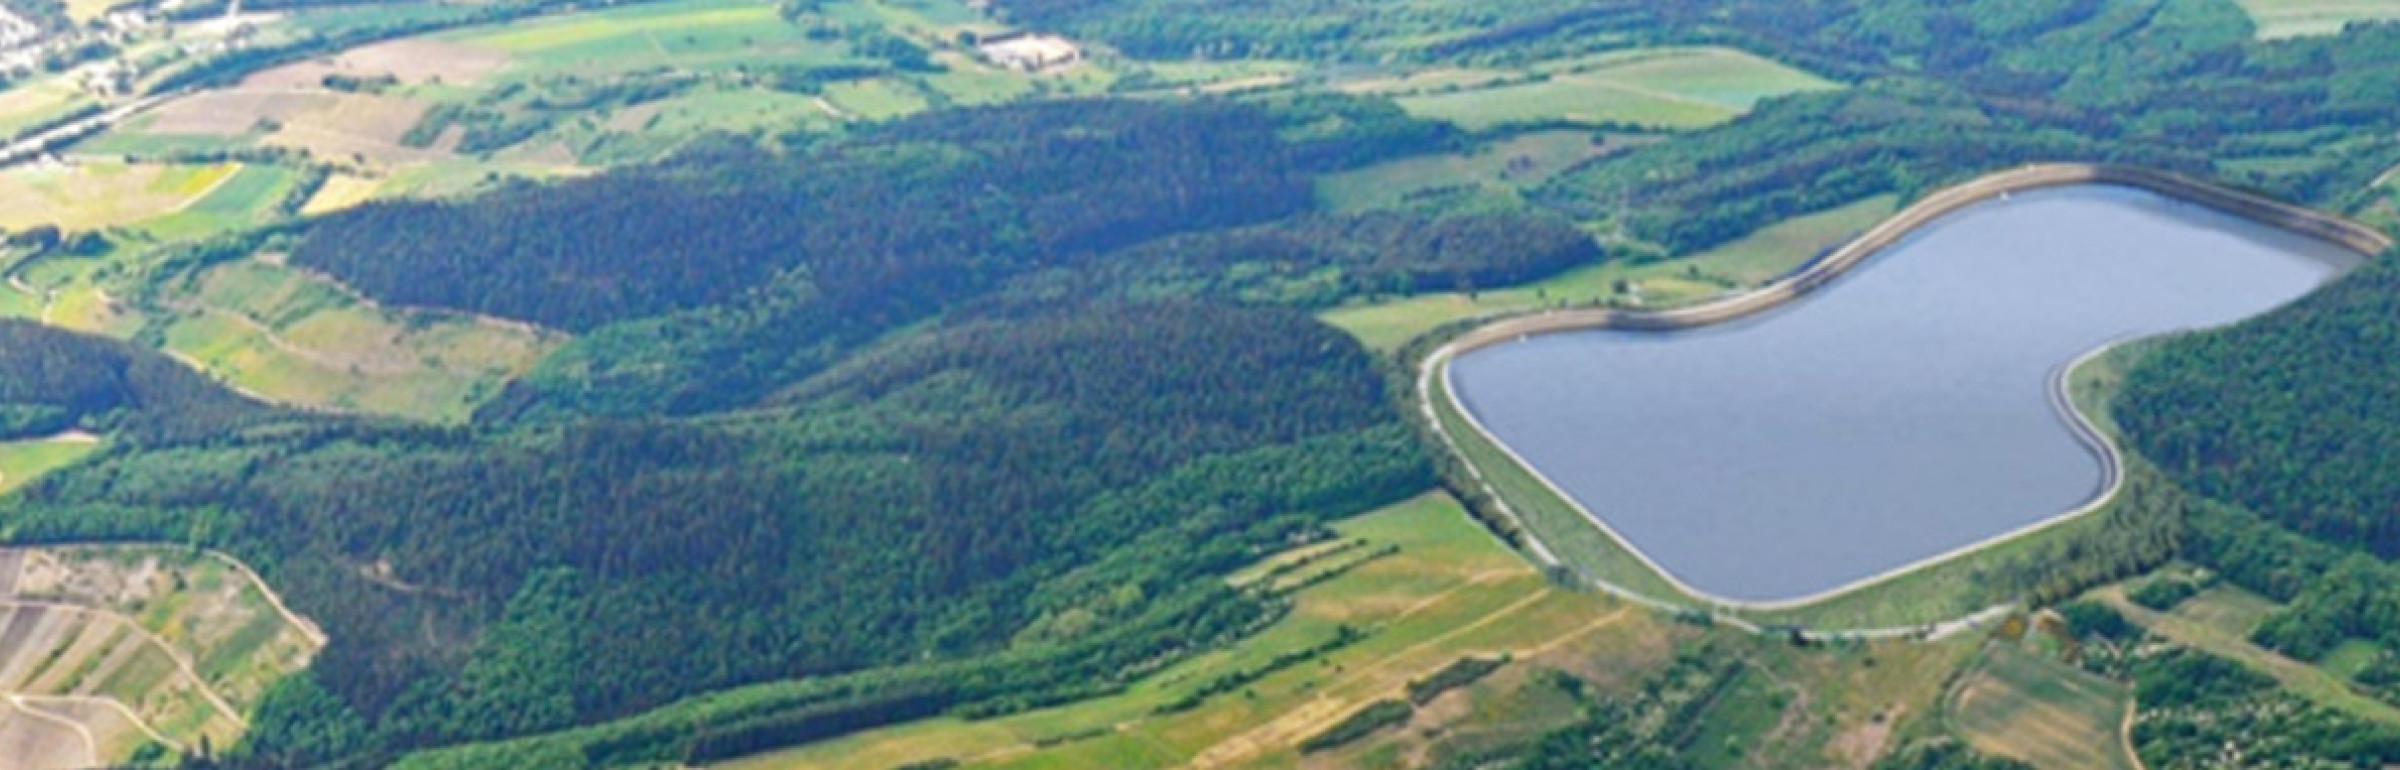 Banner BGHplan Umweltplanung und Landschaftsarchitektur GmbH